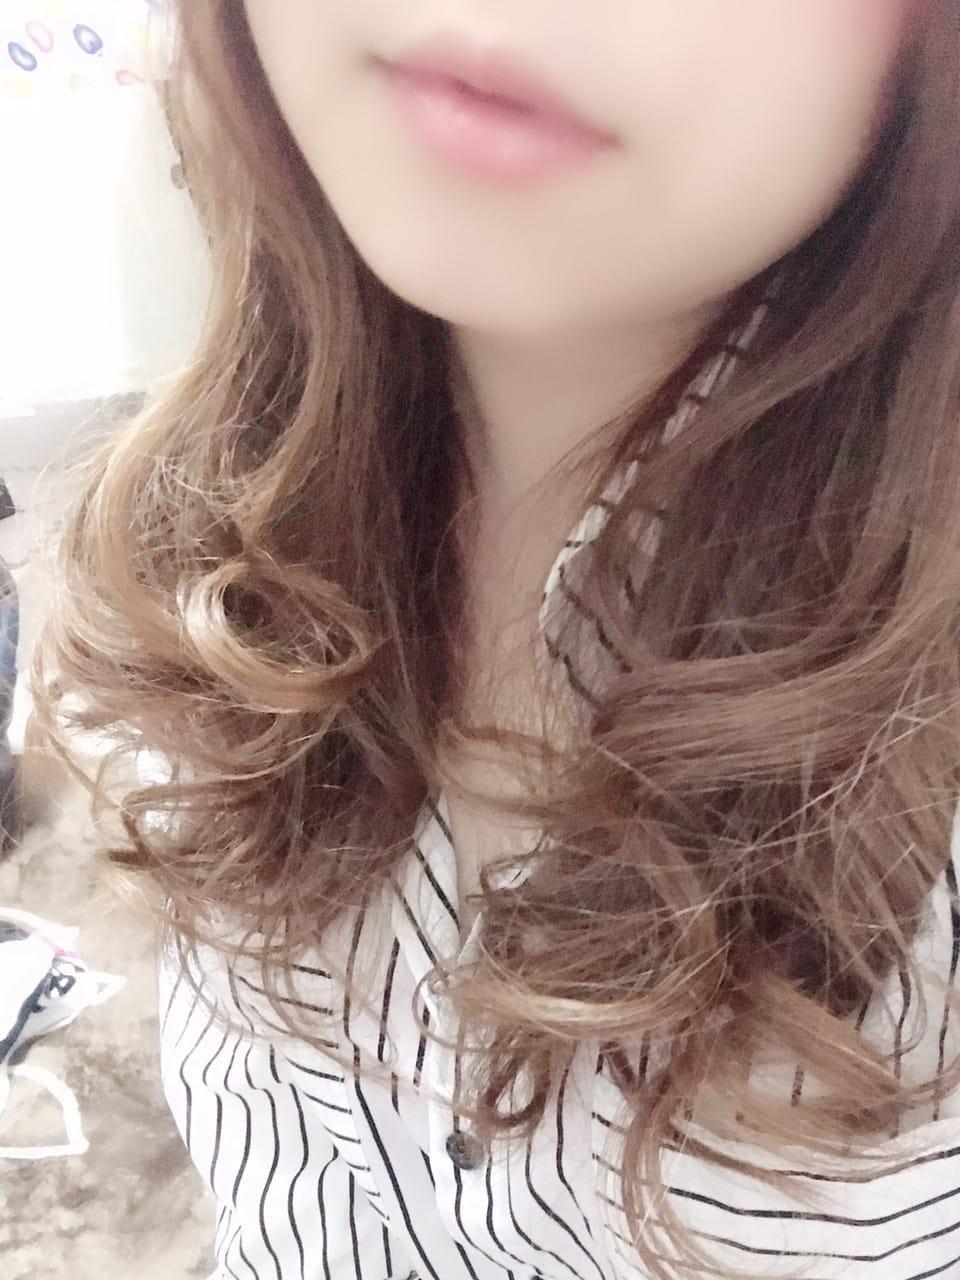 葉月 羽衣 | メンズエステsurela(しゅあら)()